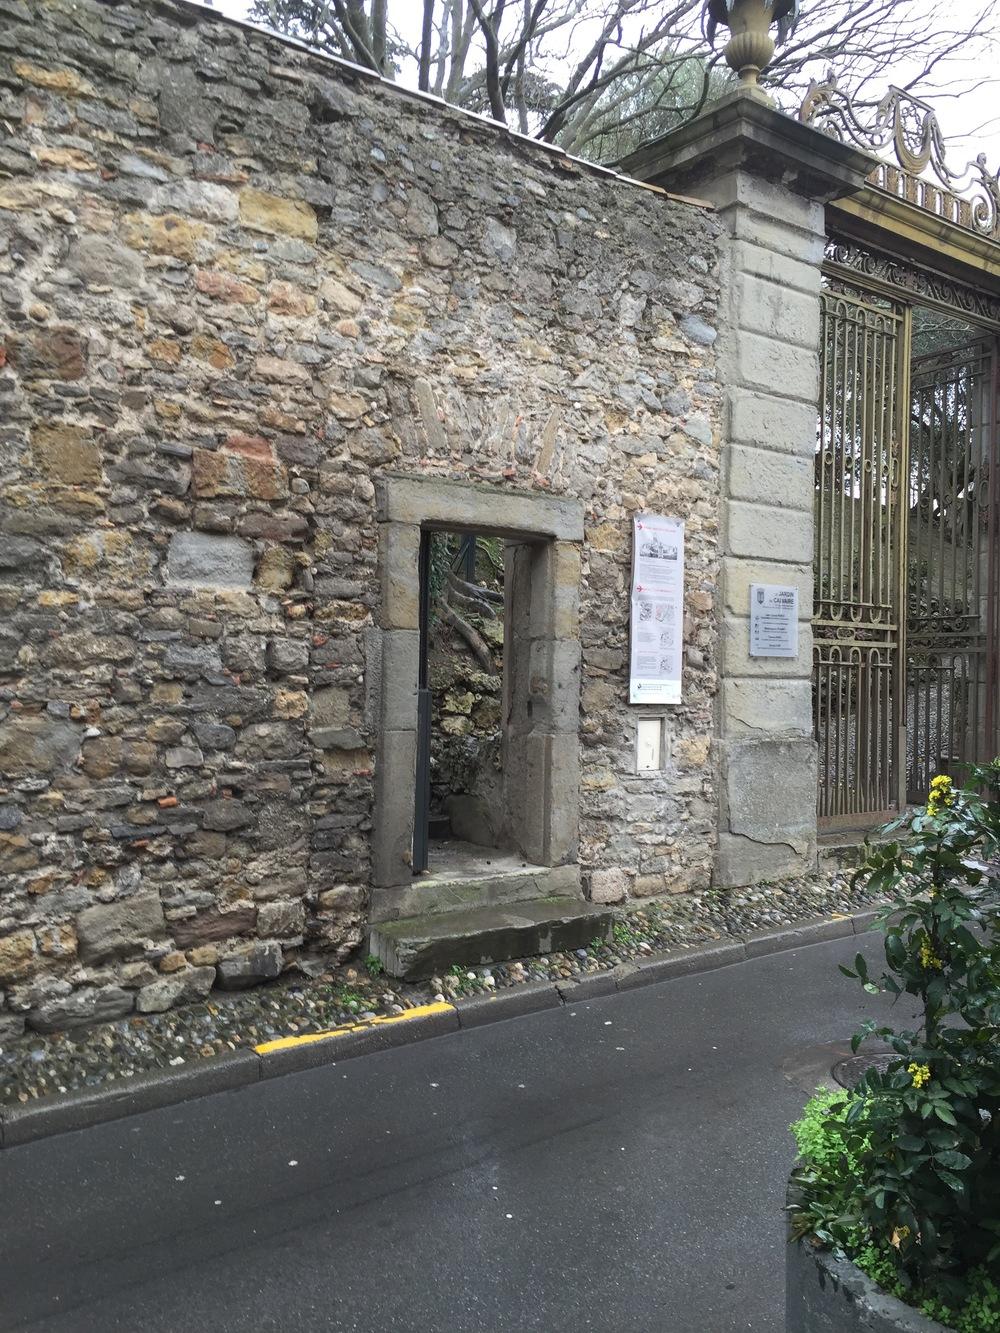 Le-Jardin-du-Calvaire-Carcassonne-jessewaugh.com-56.jpg